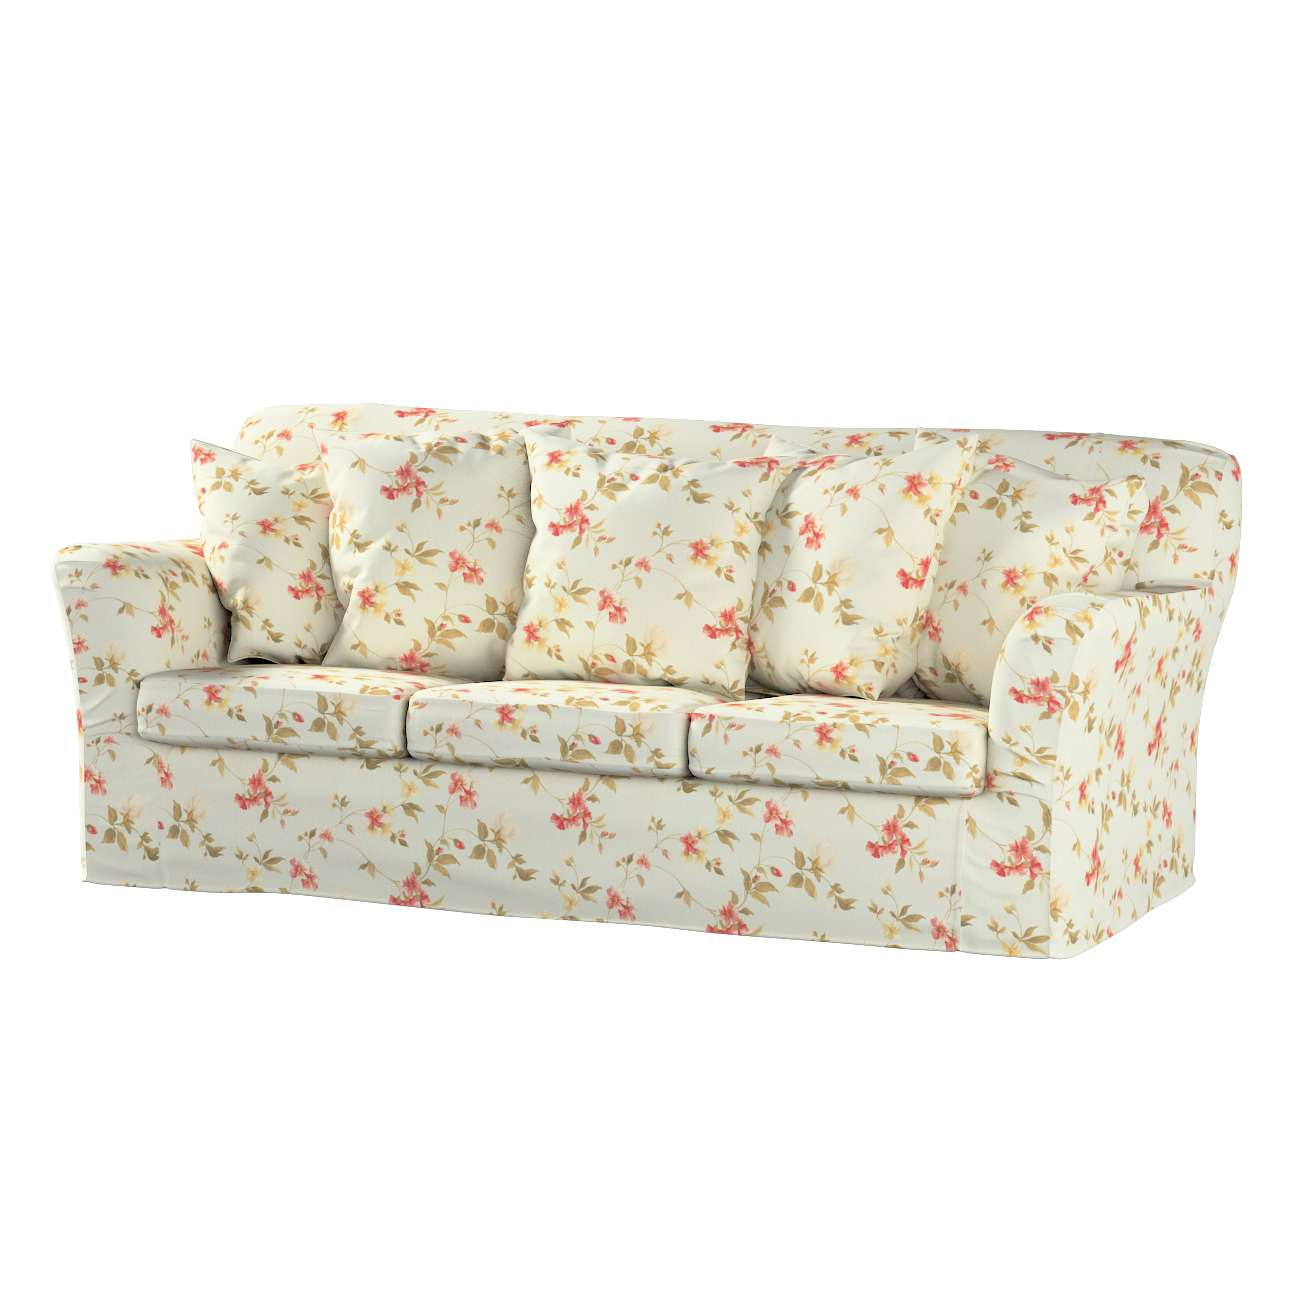 TOMELILLA  trivietės sofos užvalkalas TOMELILLA trivietė sofa kolekcijoje Londres, audinys: 124-65